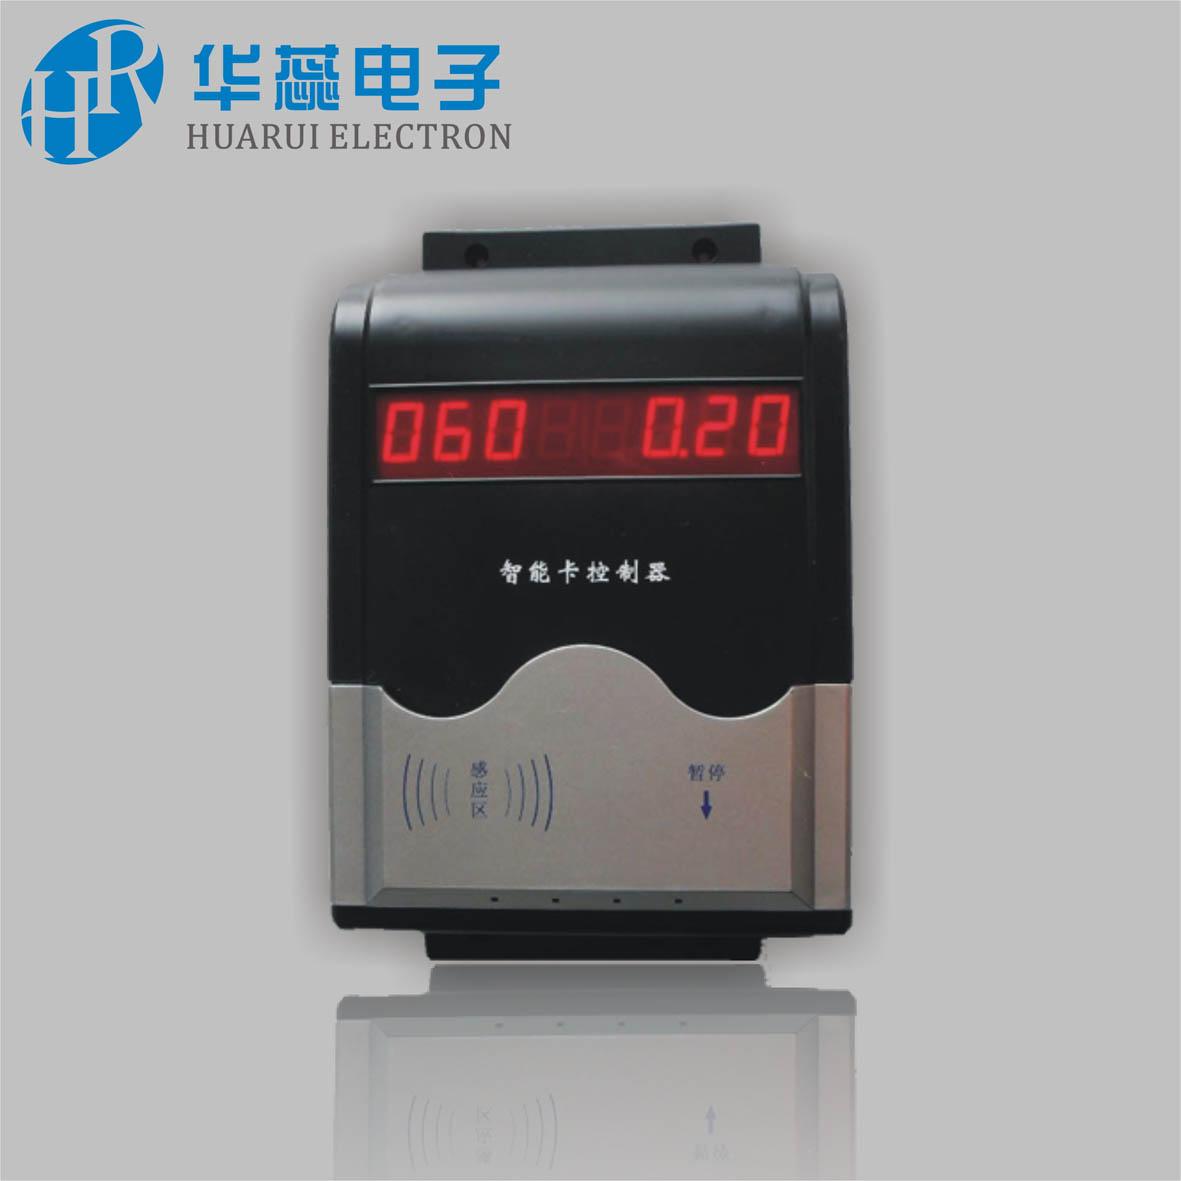 IC卡水控机热水刷卡器淋浴节水装置